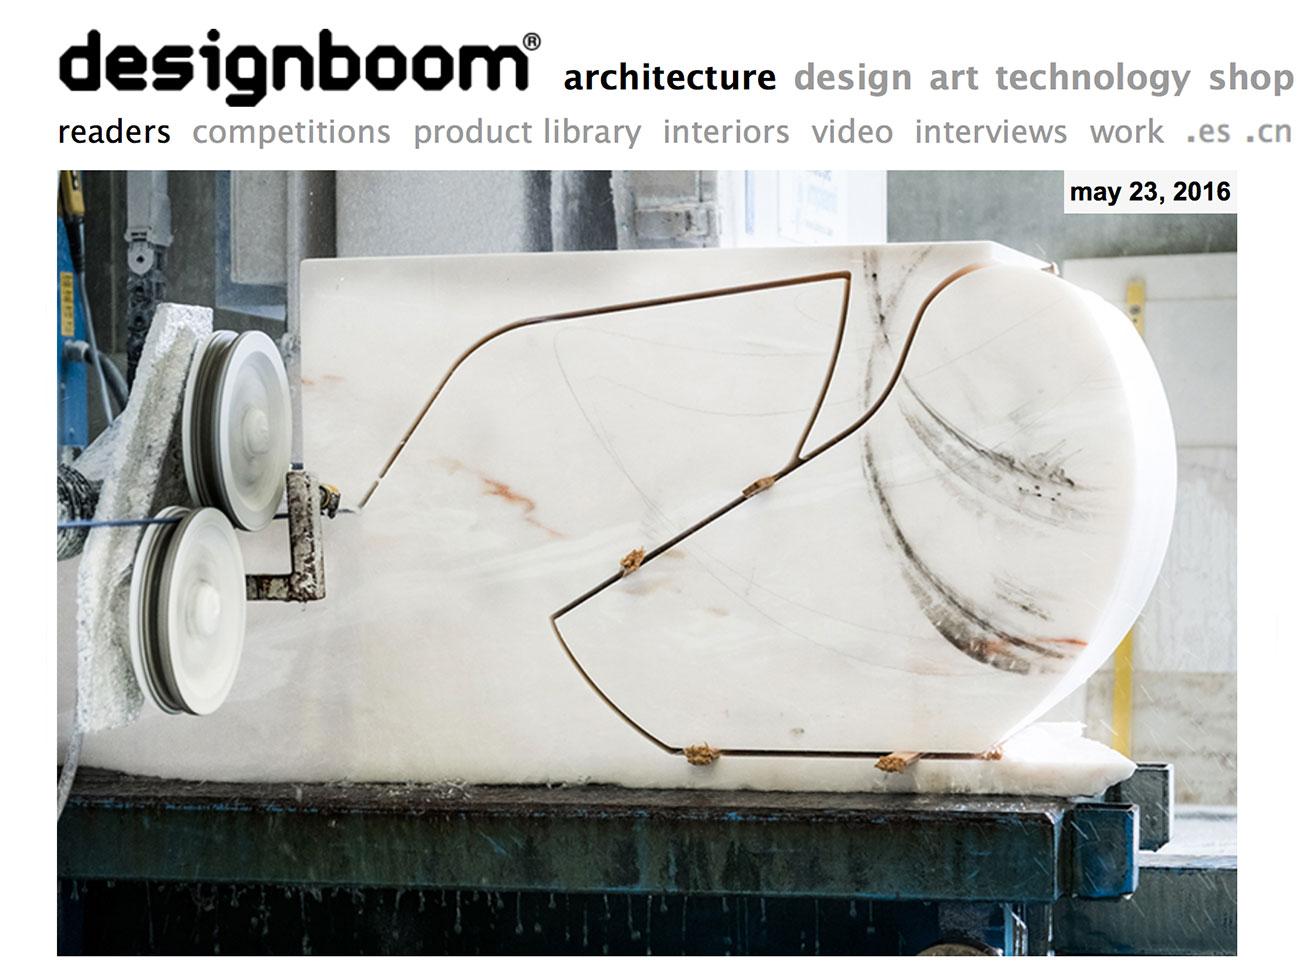 16_05_23_designboom